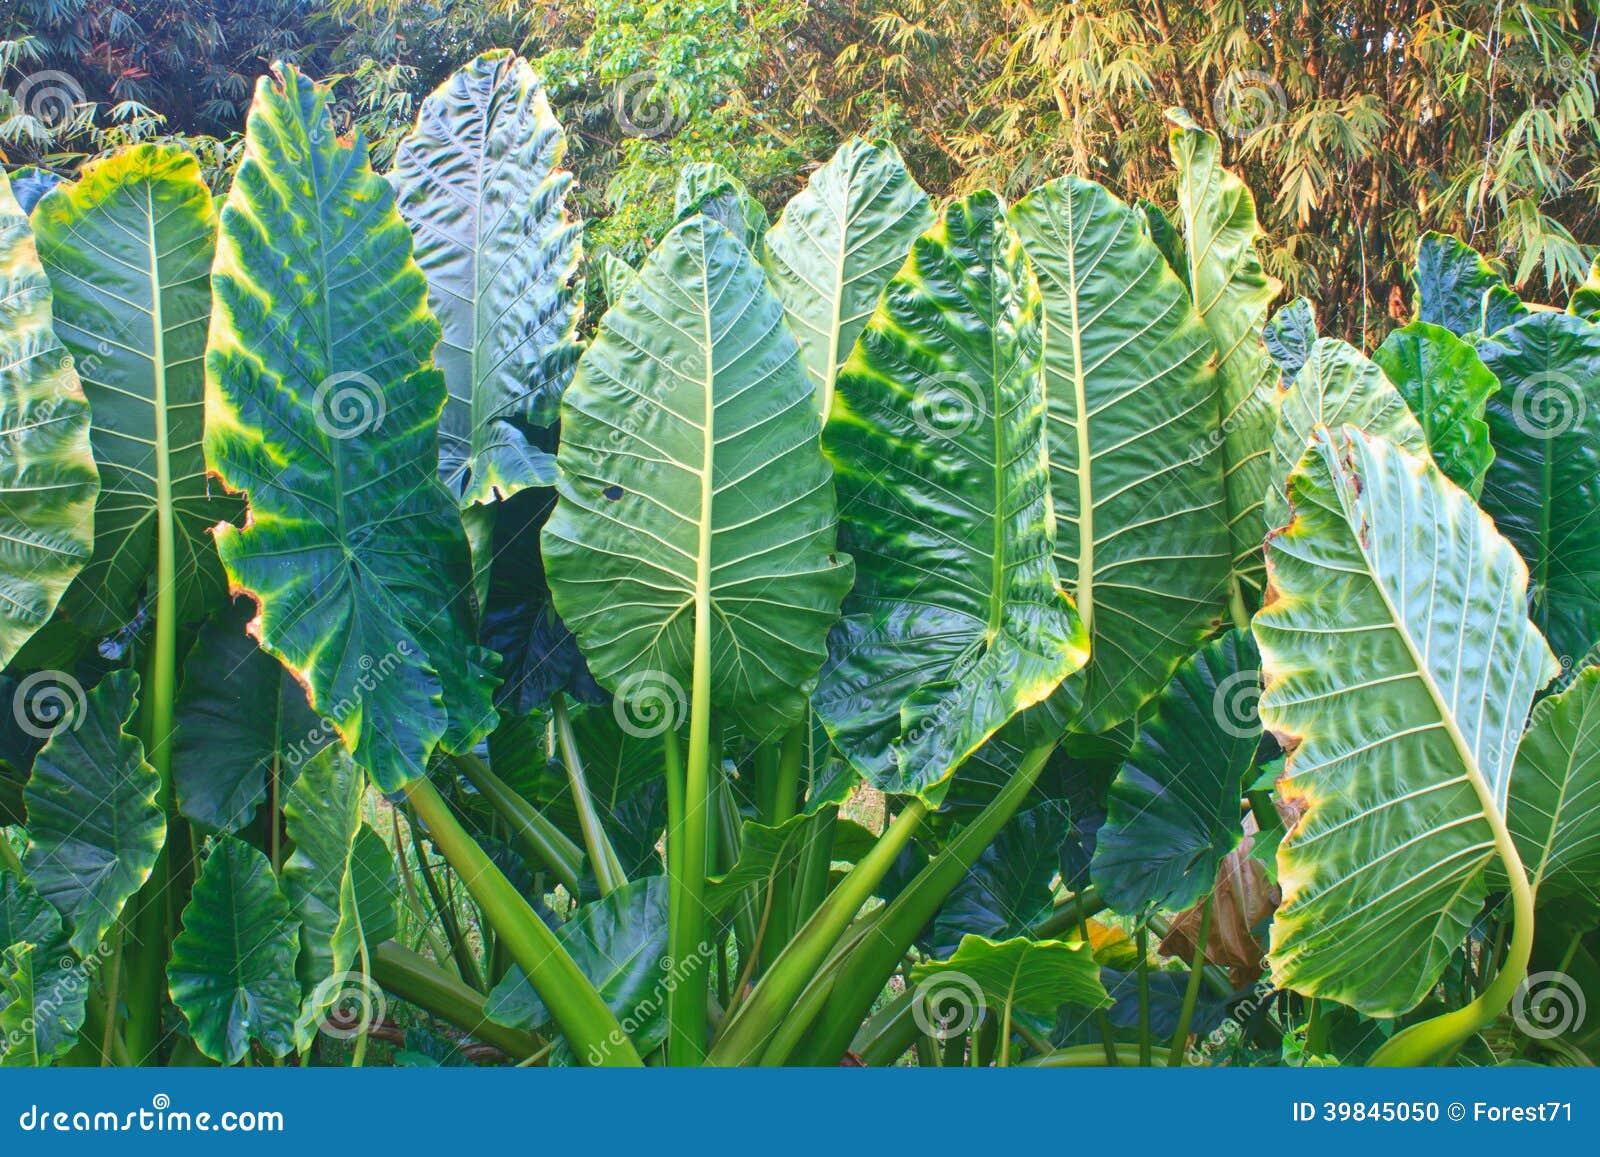 Foglia verde da una pianta dell 39 orecchio di elefante - Elefante foglio di colore dell elefante ...